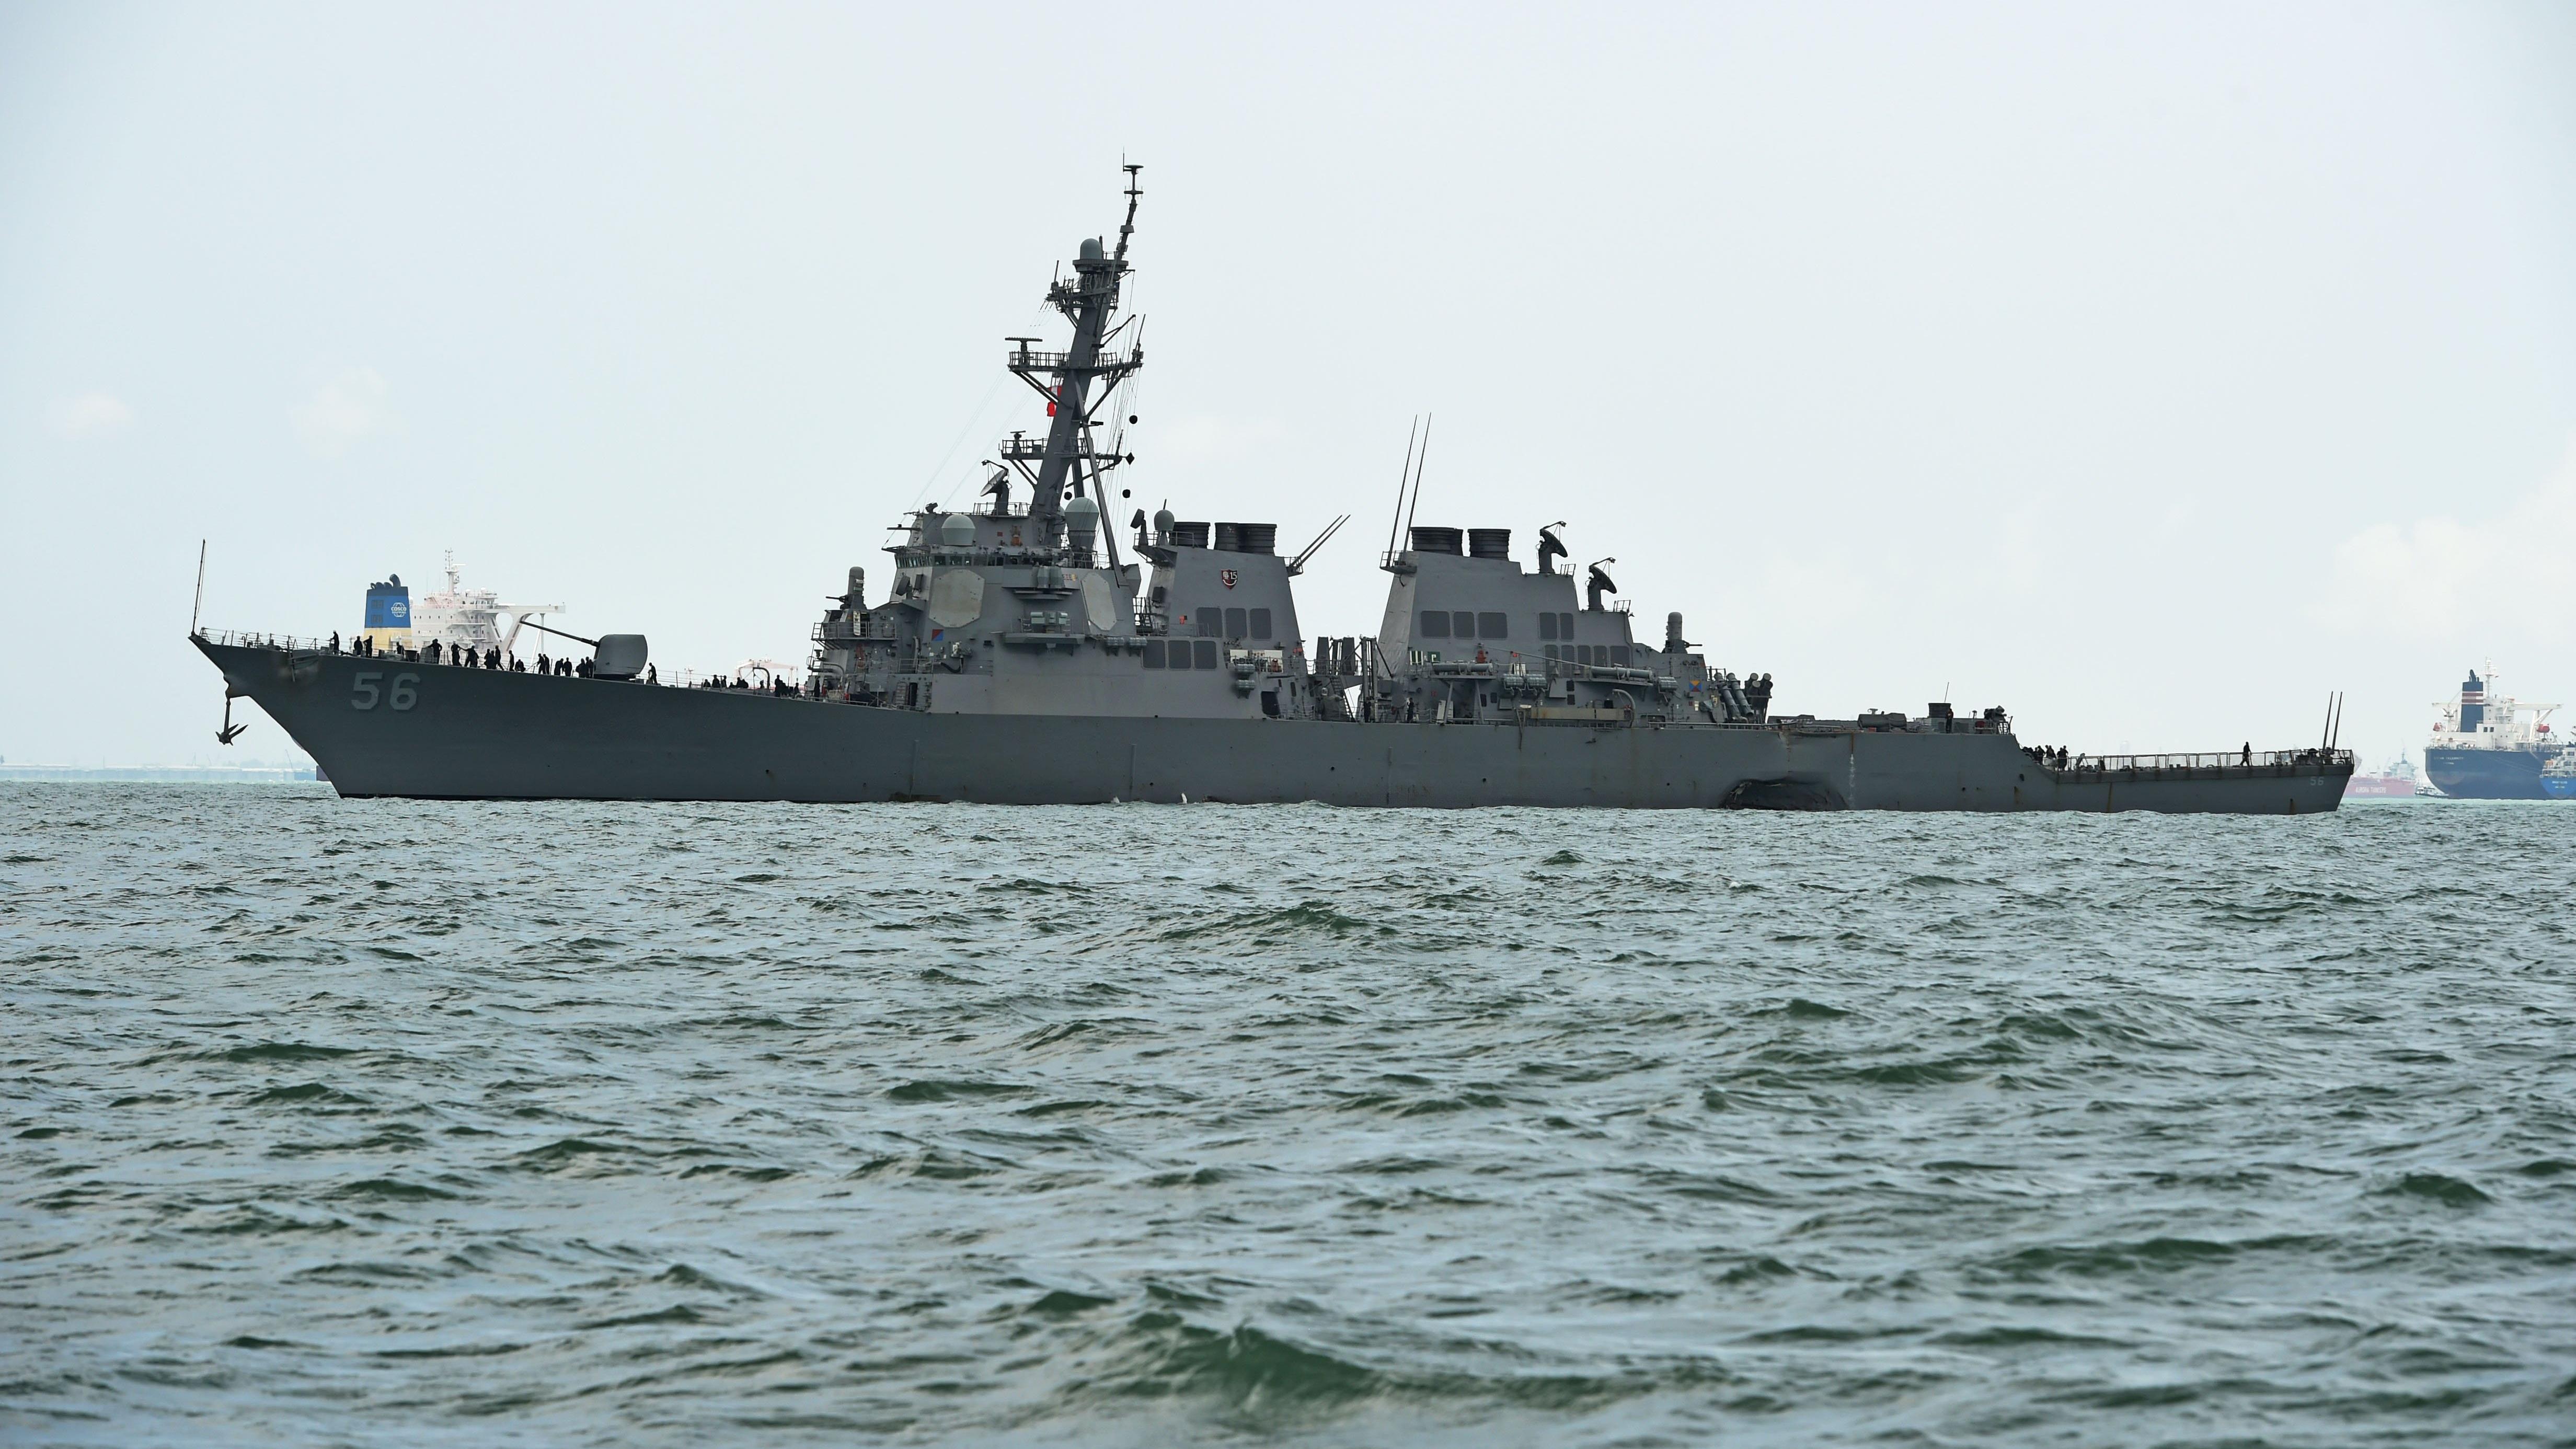 美学者:美强化南海巡航加剧对抗风险